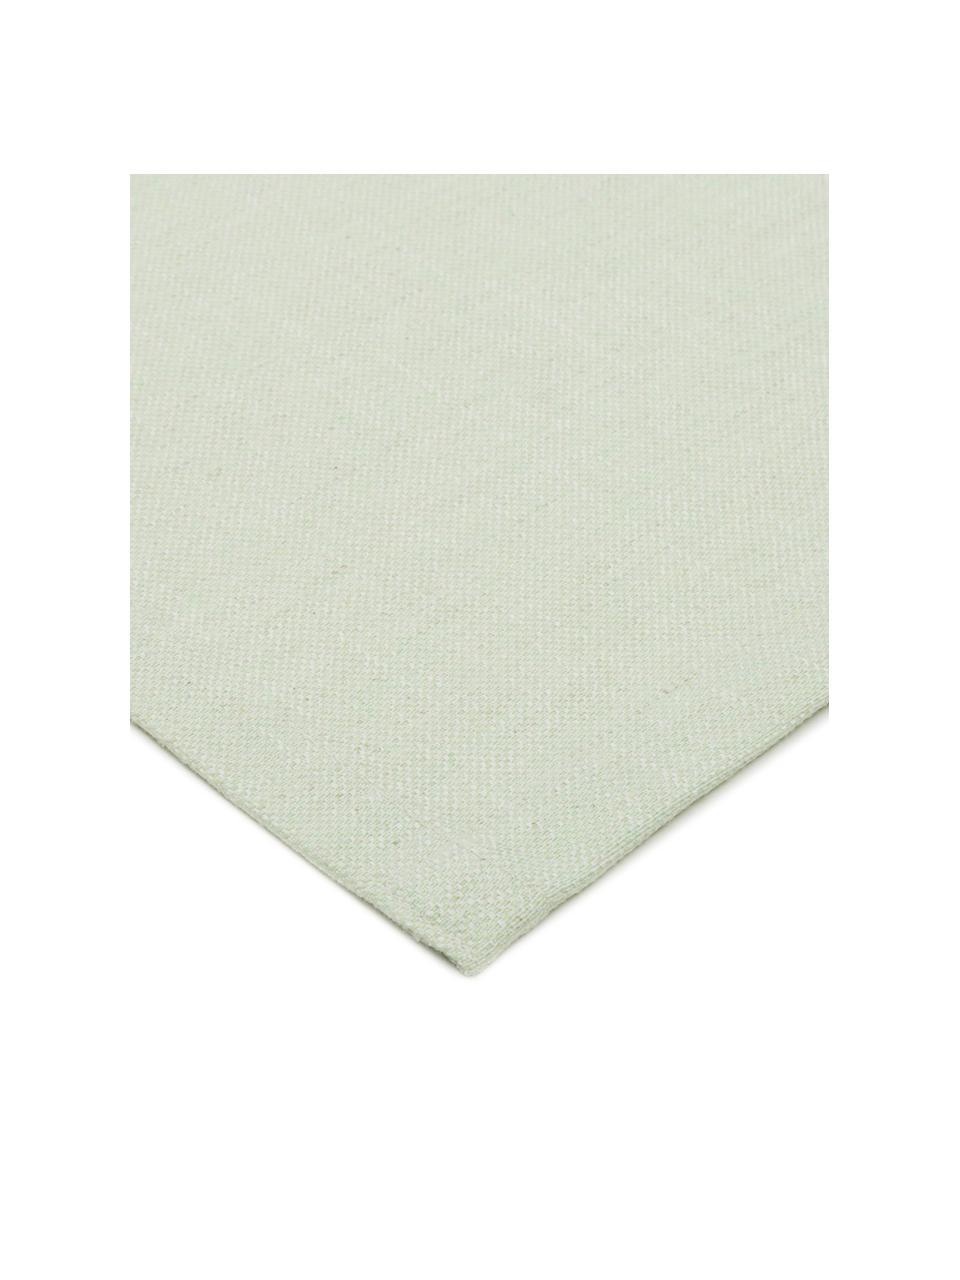 Tischläufer Riva aus Baumwollgemisch in Pastellgrün, 55%Baumwolle, 45%Polyester, Pastellgrün, 40 x 150 cm